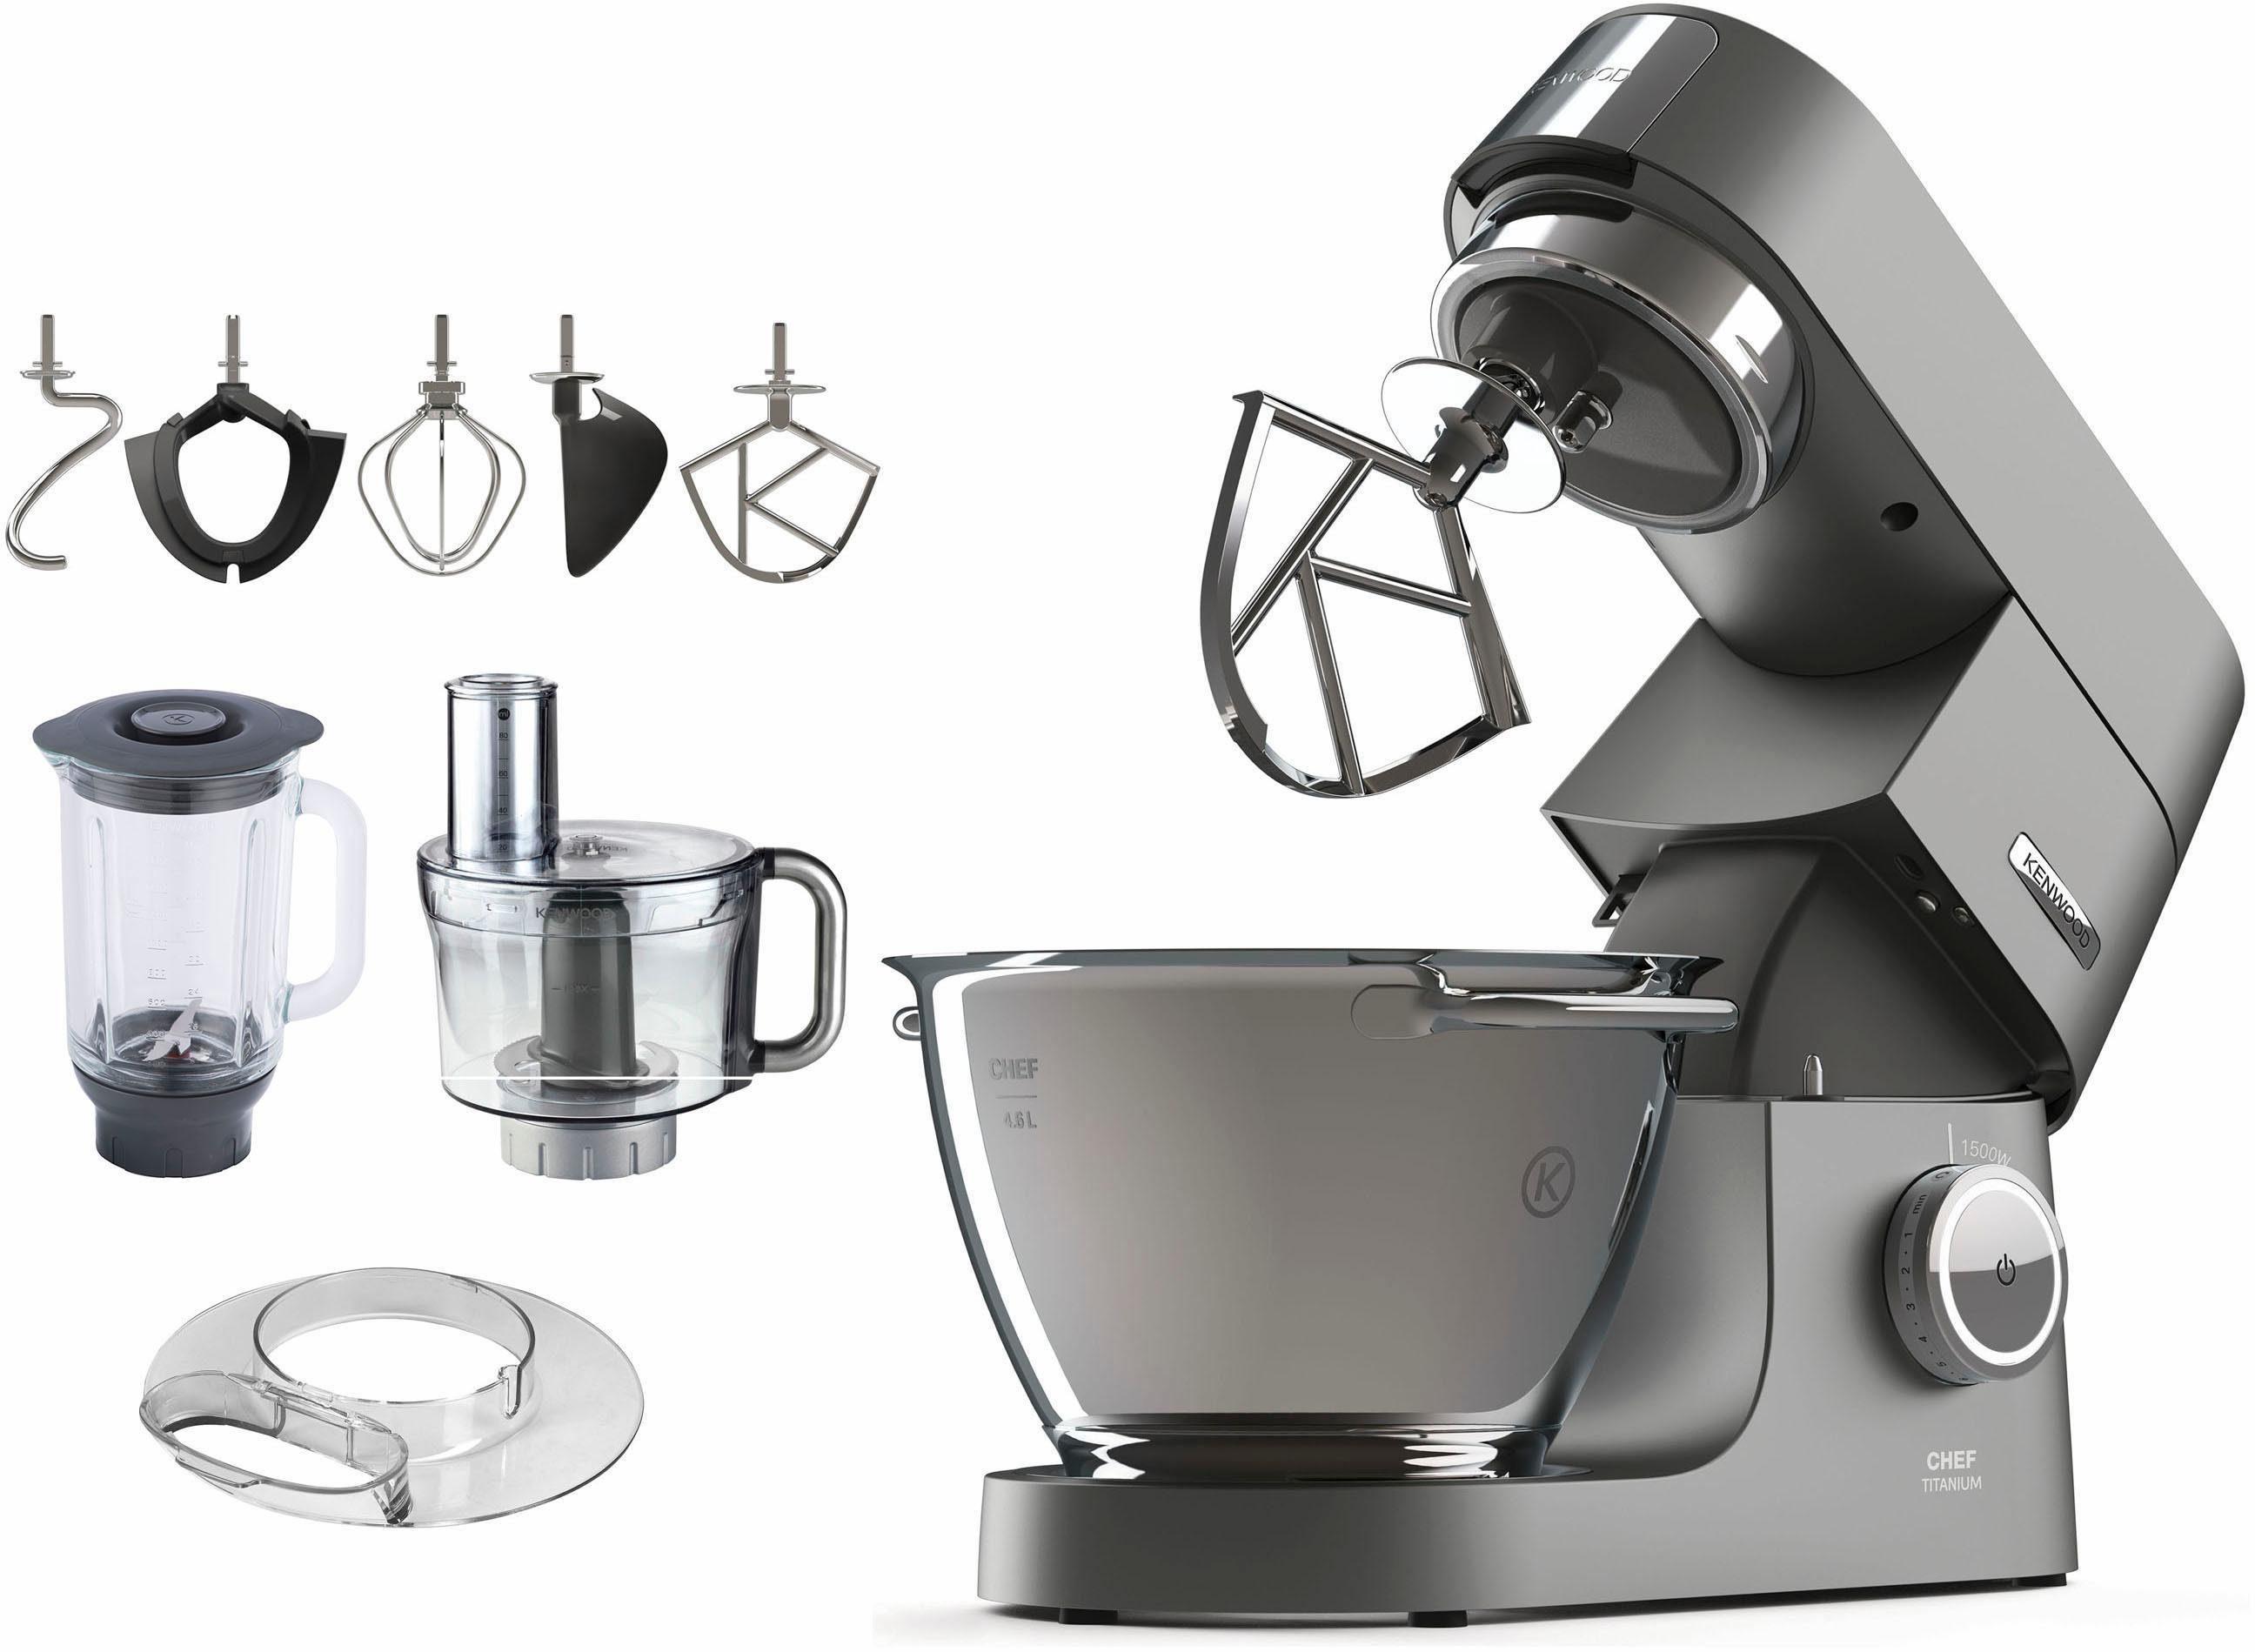 KENWOOD Kchenmaschine Chef Titanium KVC7411S 1500 W 46